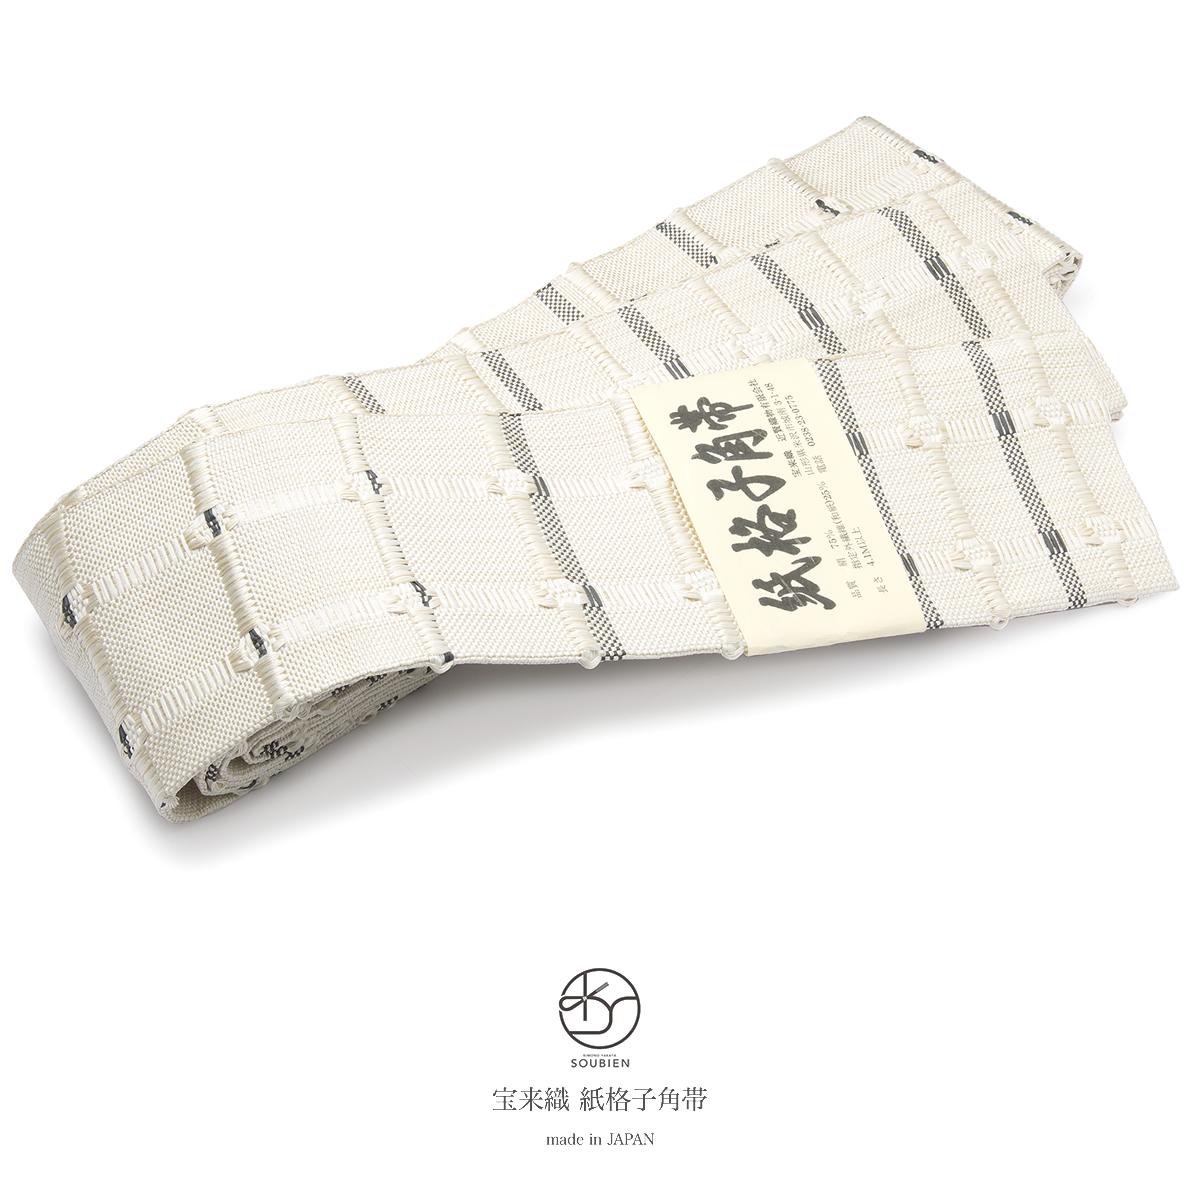 角帯 未仕立て 近賢織物謹製 白系 アイボリー 灰色 市松格子 米沢織 宝来織 和紙 男帯 浴衣帯 着物 和服 日本製【送料無料】